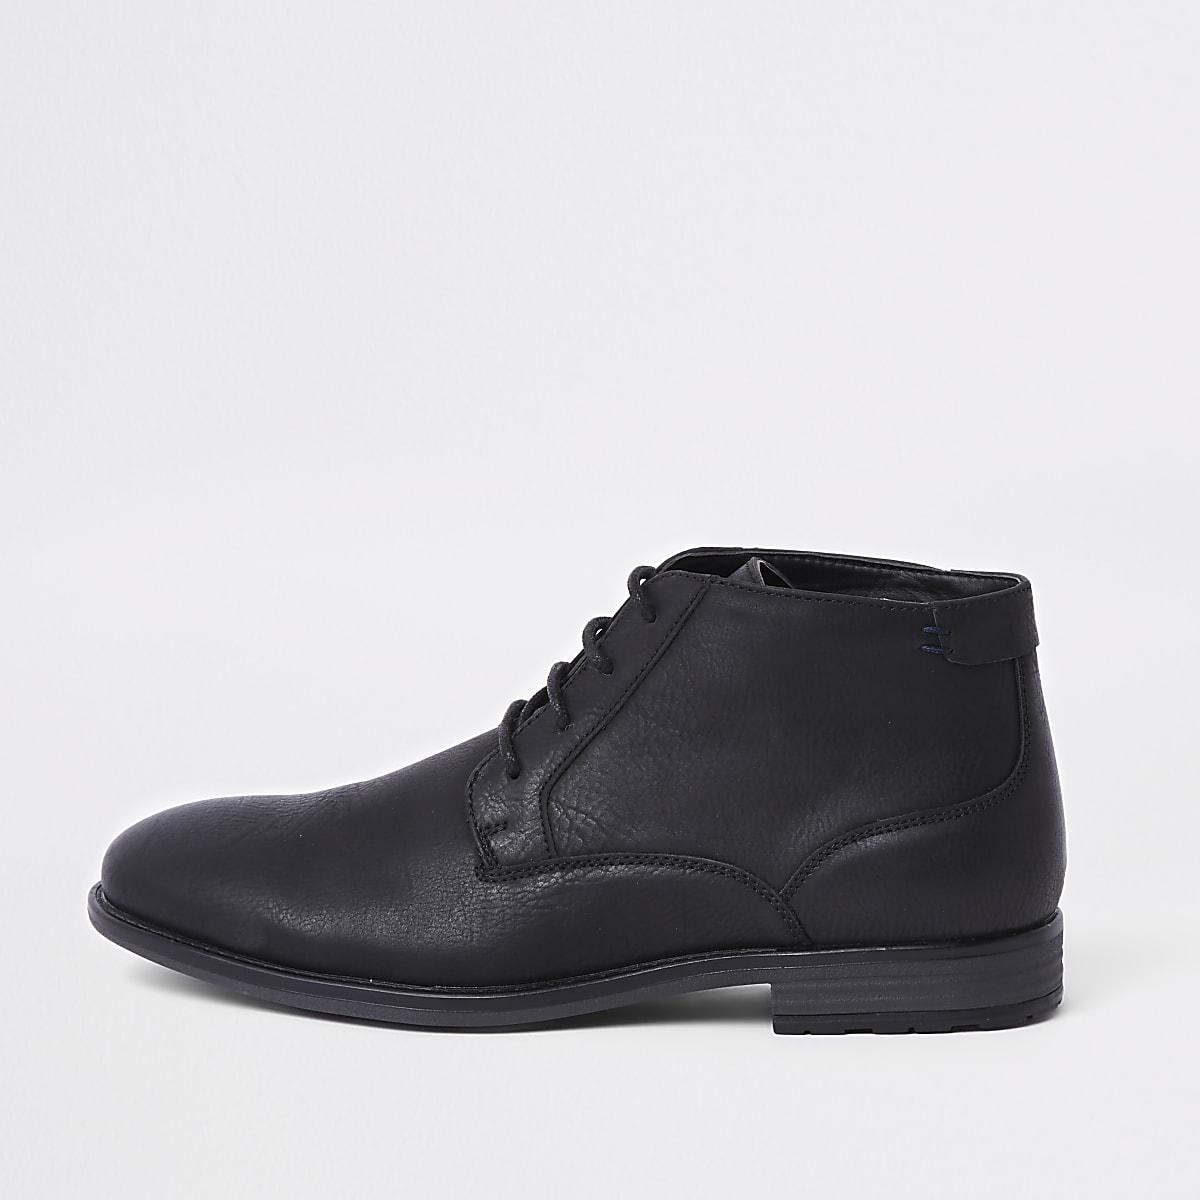 Zwarte chukka boots met vetersluiting